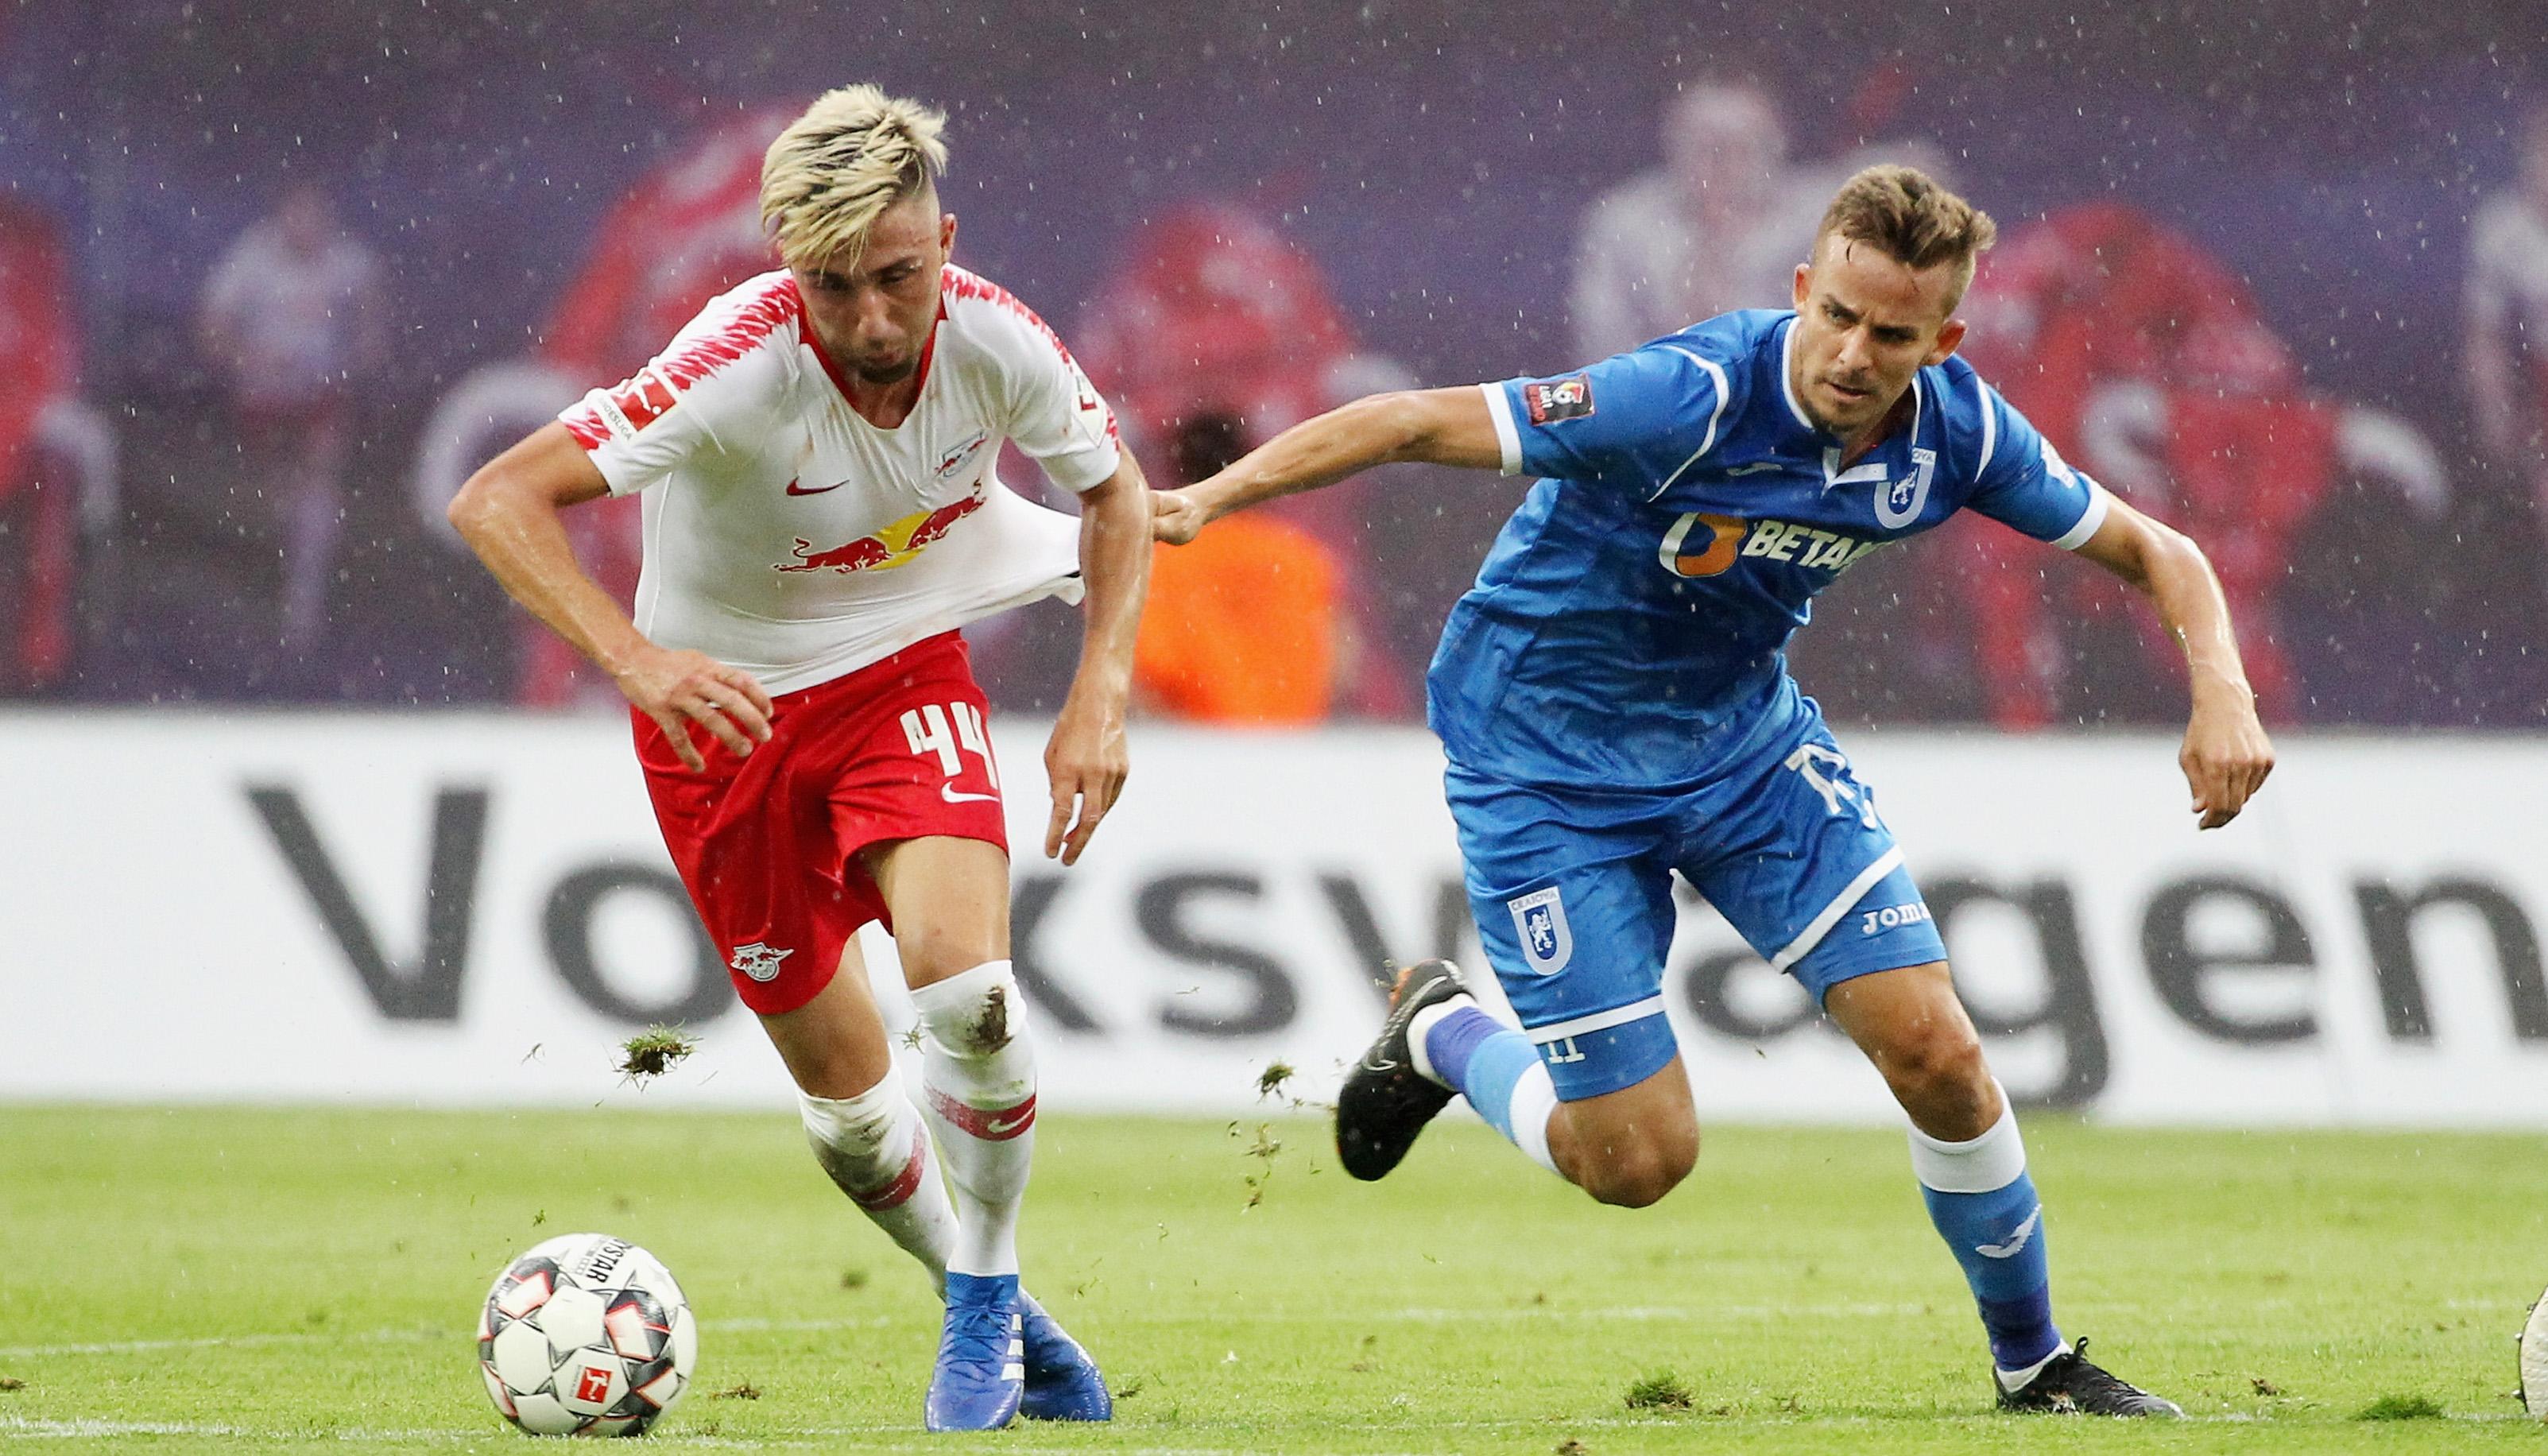 Craiova – RB Leipzig: Kampl und Co. wollen den Sack zumachen